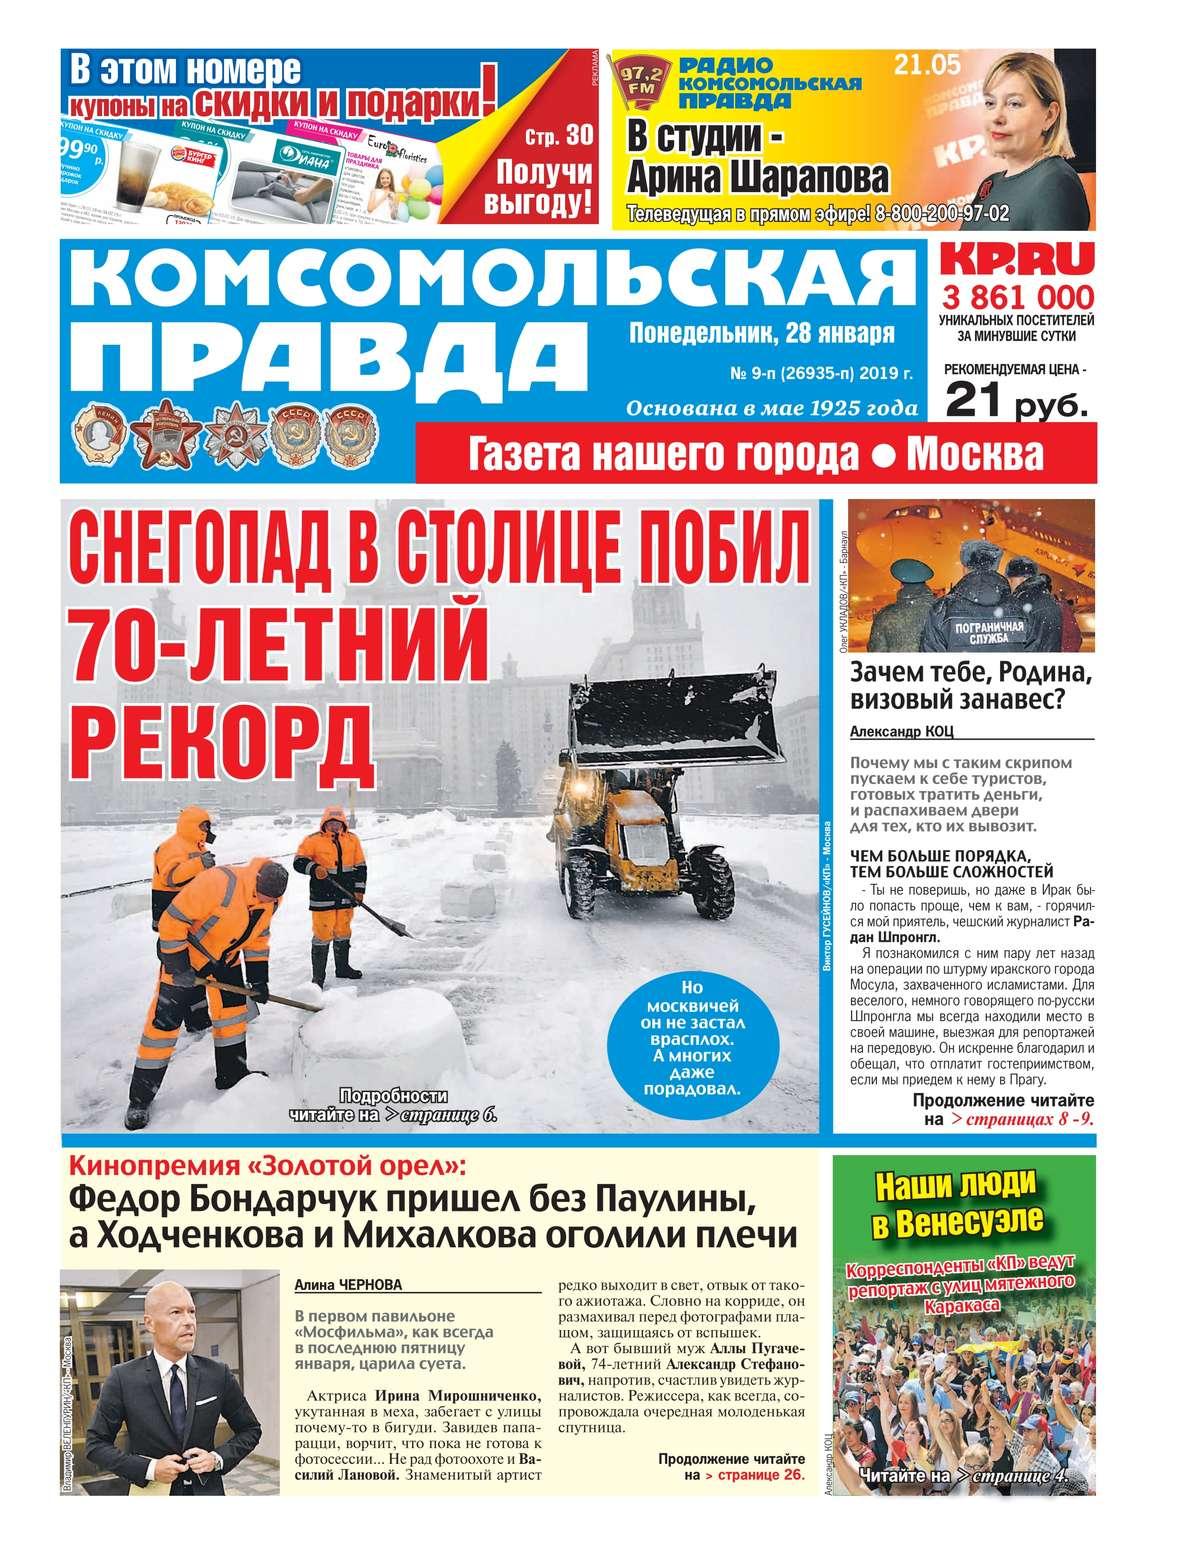 Комсомольская Правда. Москва 09п-2019